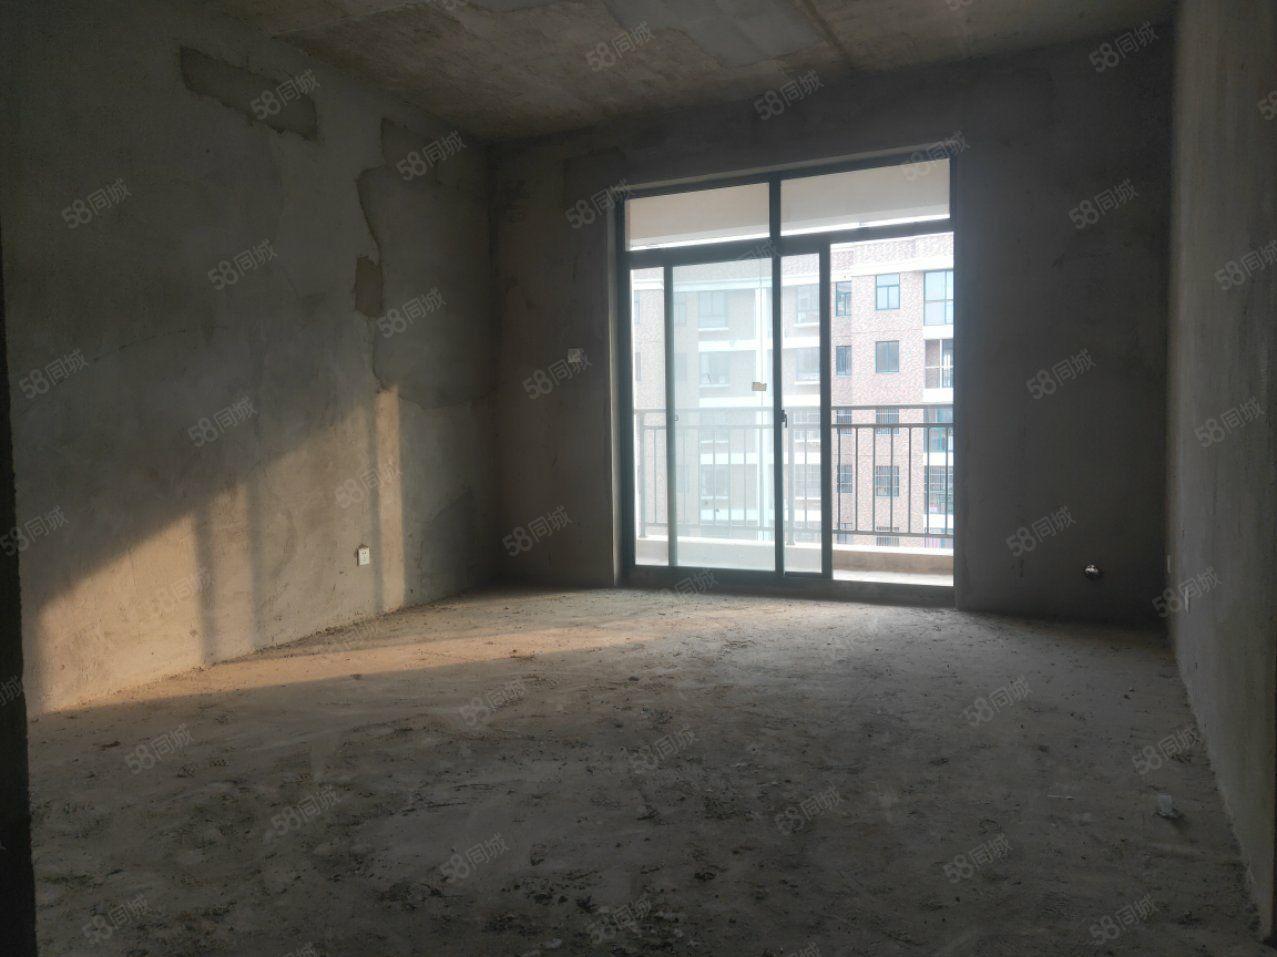 融辉城二期不是顶楼采光无遮挡位置佳仅售52万三房可分期